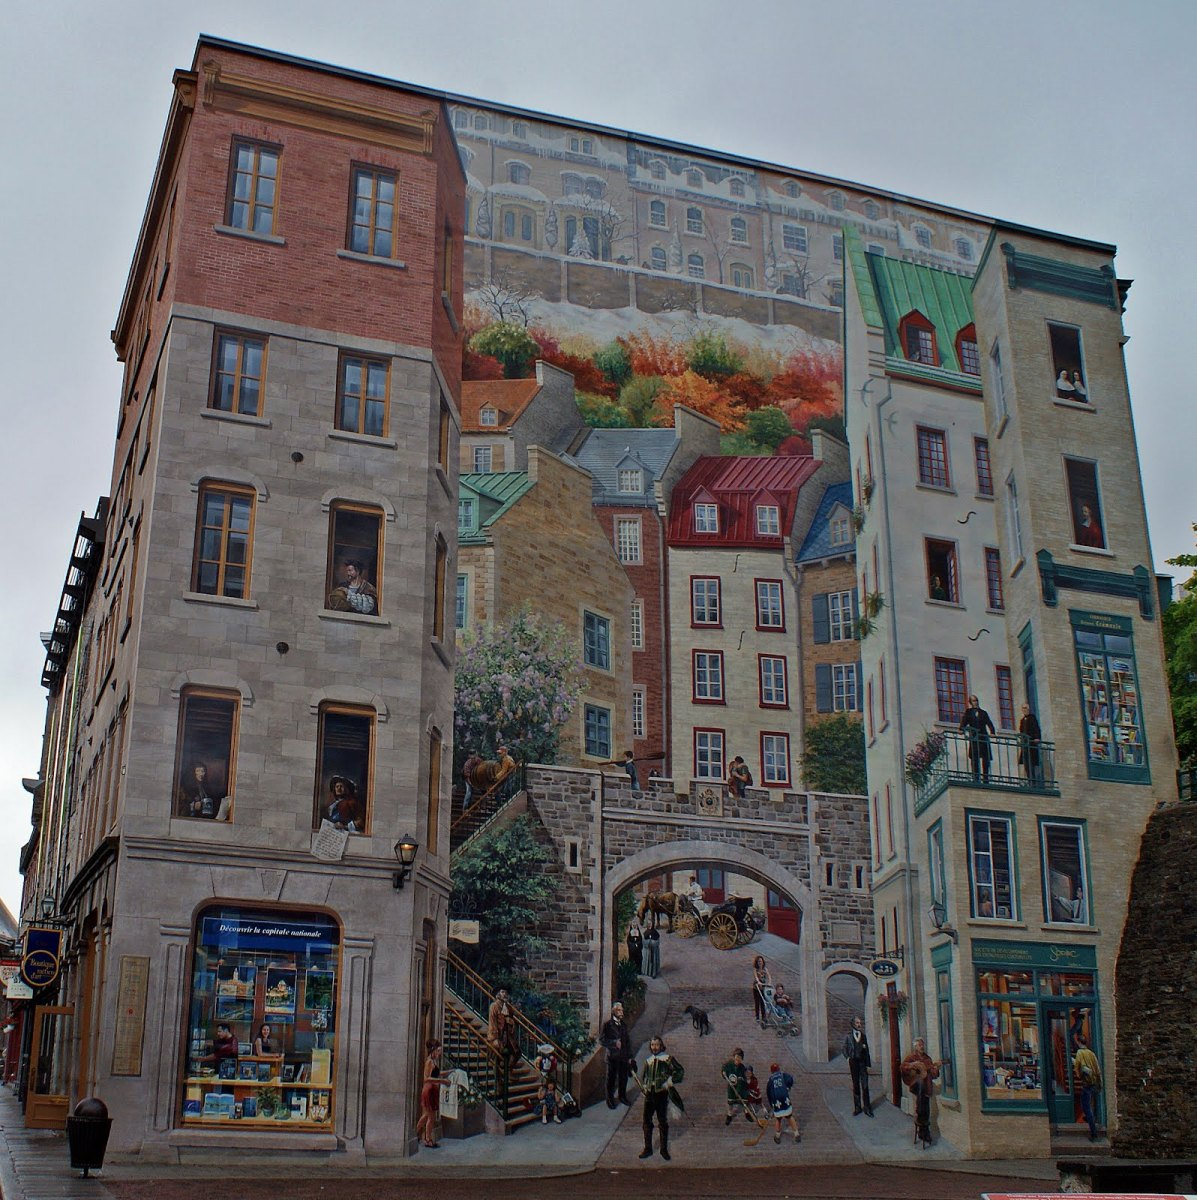 la pintura de los días por Demetrio Reigada: Hoy cambiamos la realidad gracias al arte del Trampantojo